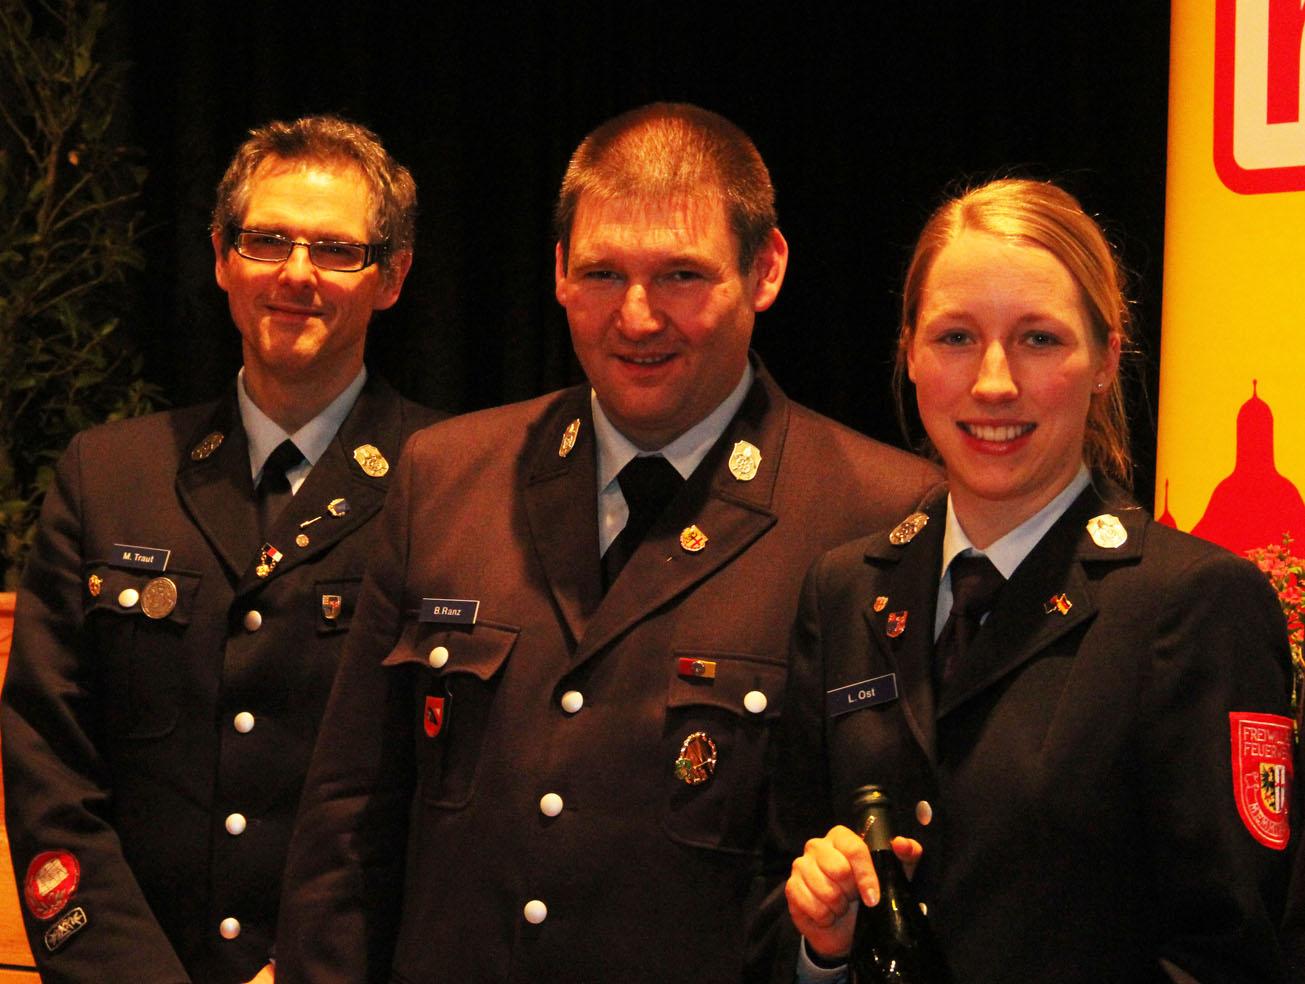 01-03-2013 Feuerwehr-Memmingen jahreshauptversammlung 2013 poeppel new-facts-eu20130301 0118